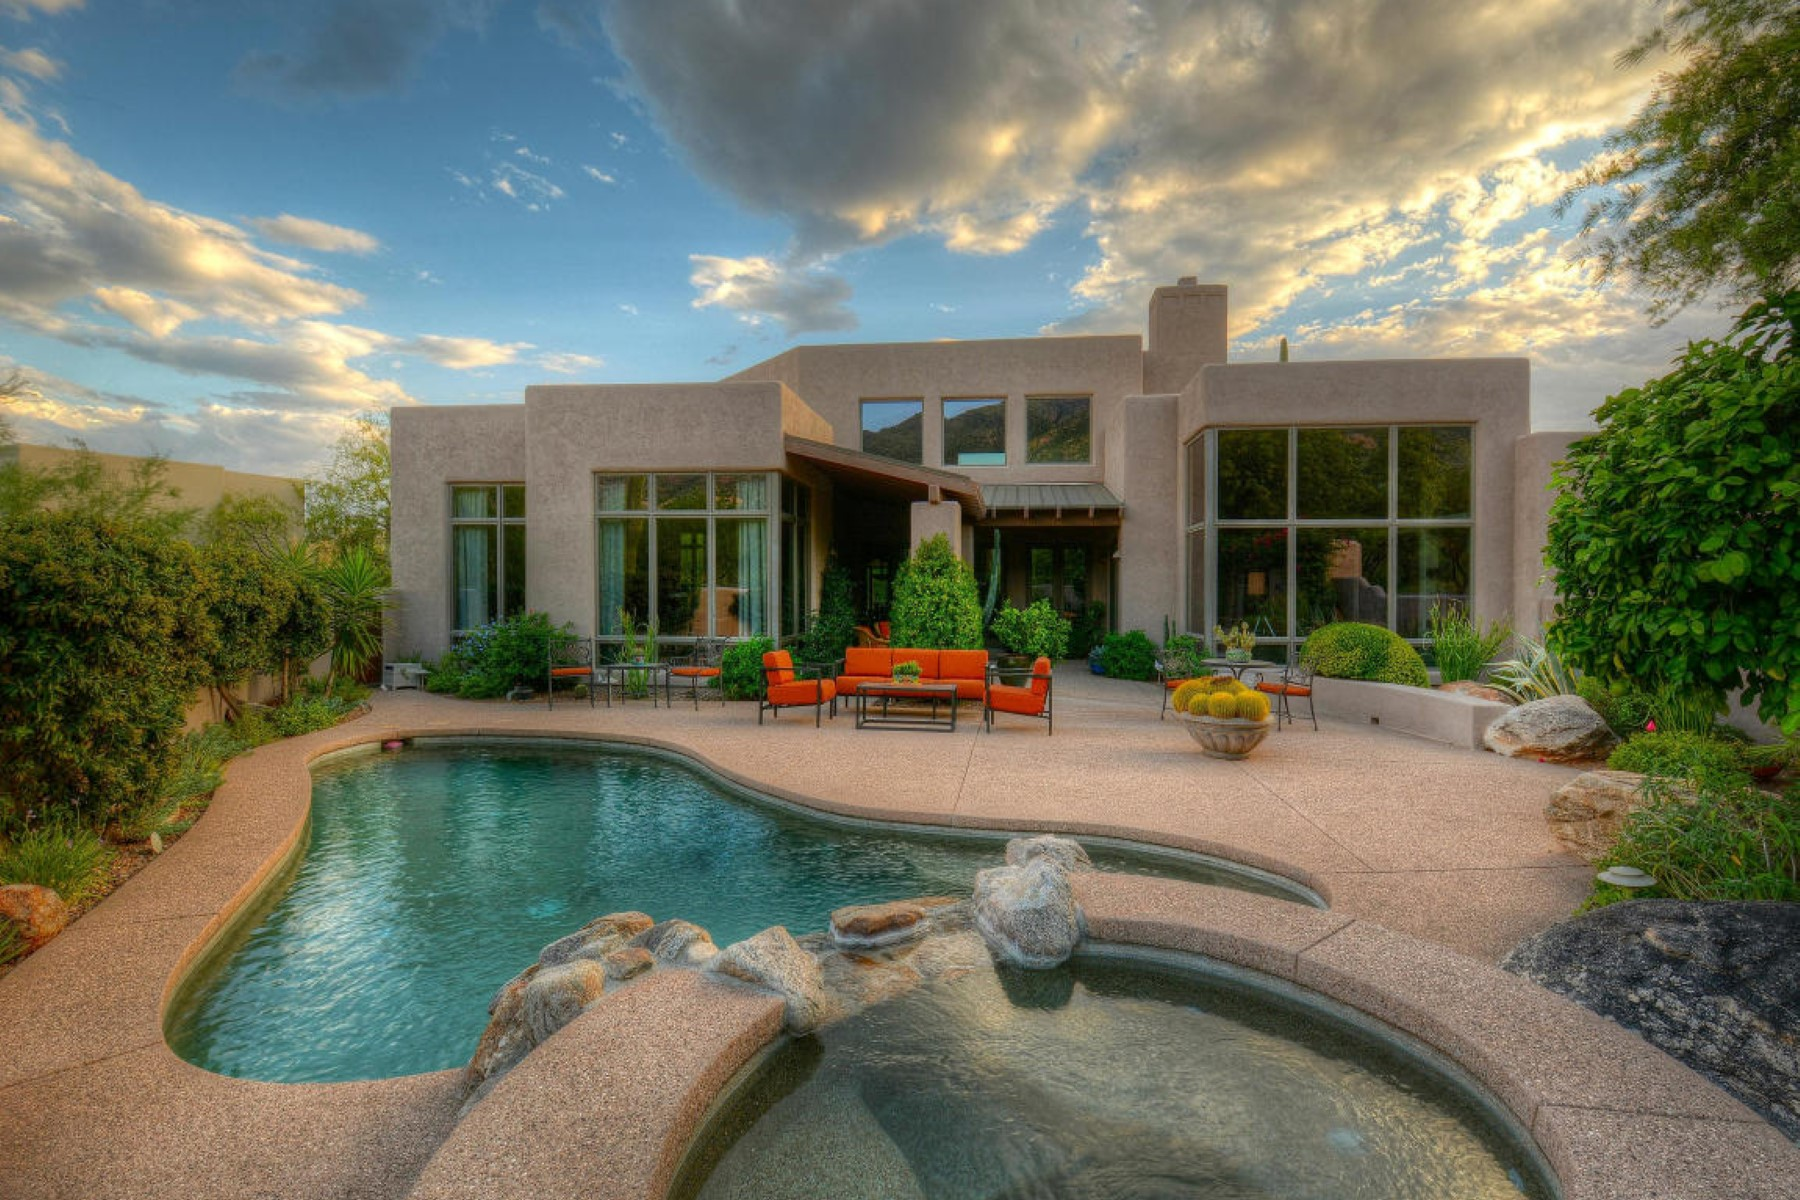 Moradia para Venda às Perfect Ultra-Custom Soft Contemporary home with views 6474 N Lazulite Place Tucson, Arizona, 85750 Estados Unidos